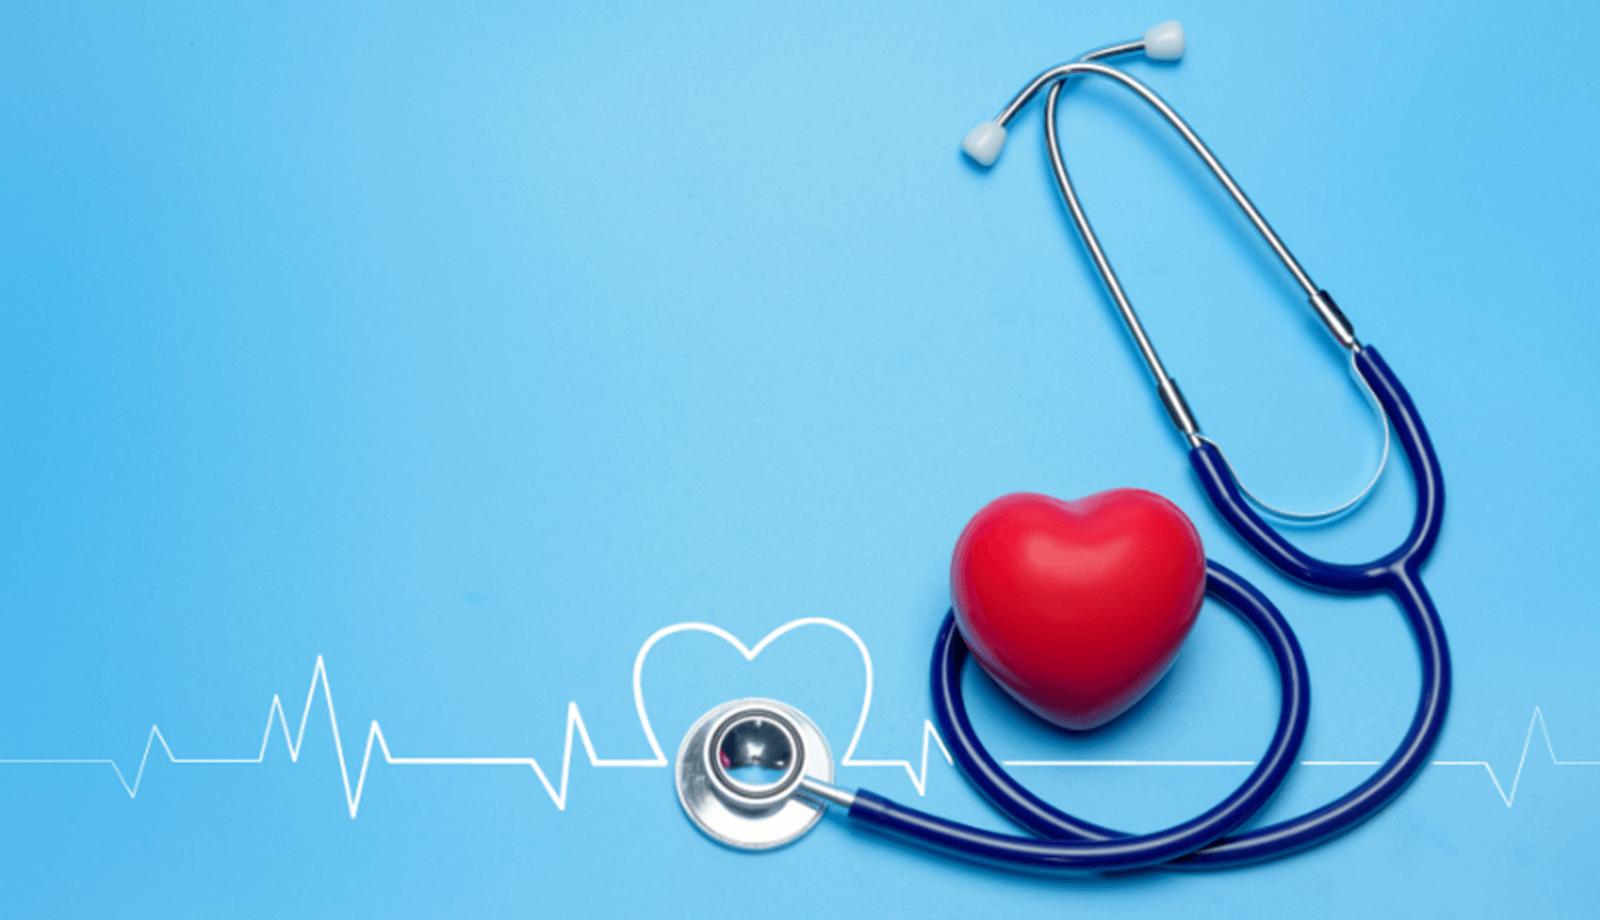 magas vérnyomás elleni nap 2020)